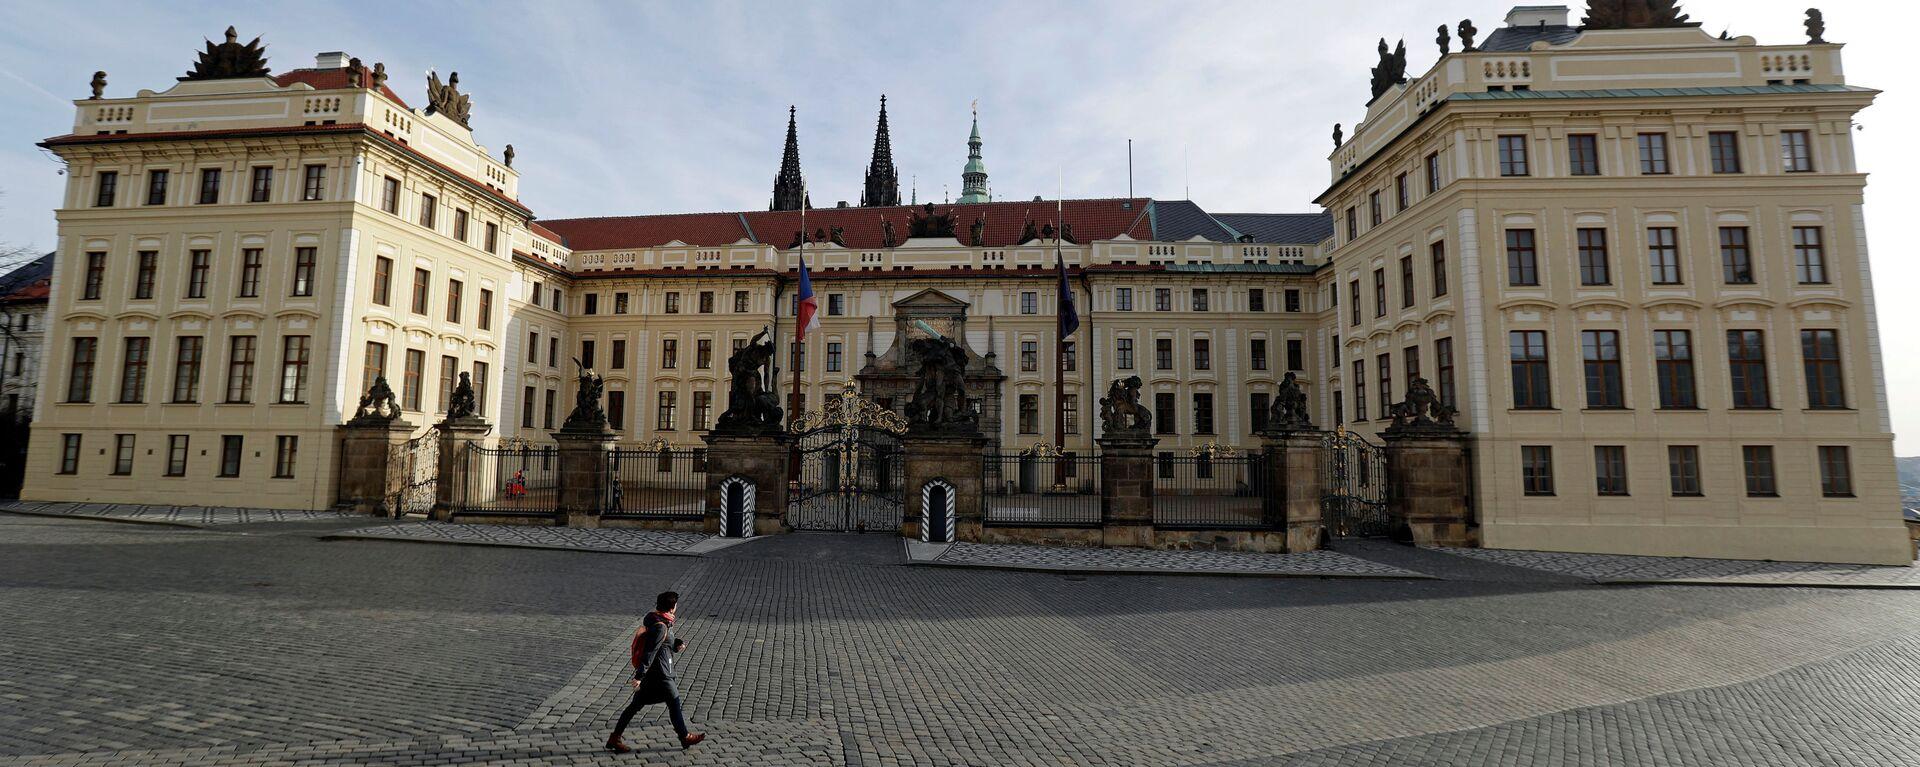 Pražský hrad uzavřený kvůli karanténě - Sputnik Česká republika, 1920, 14.11.2020